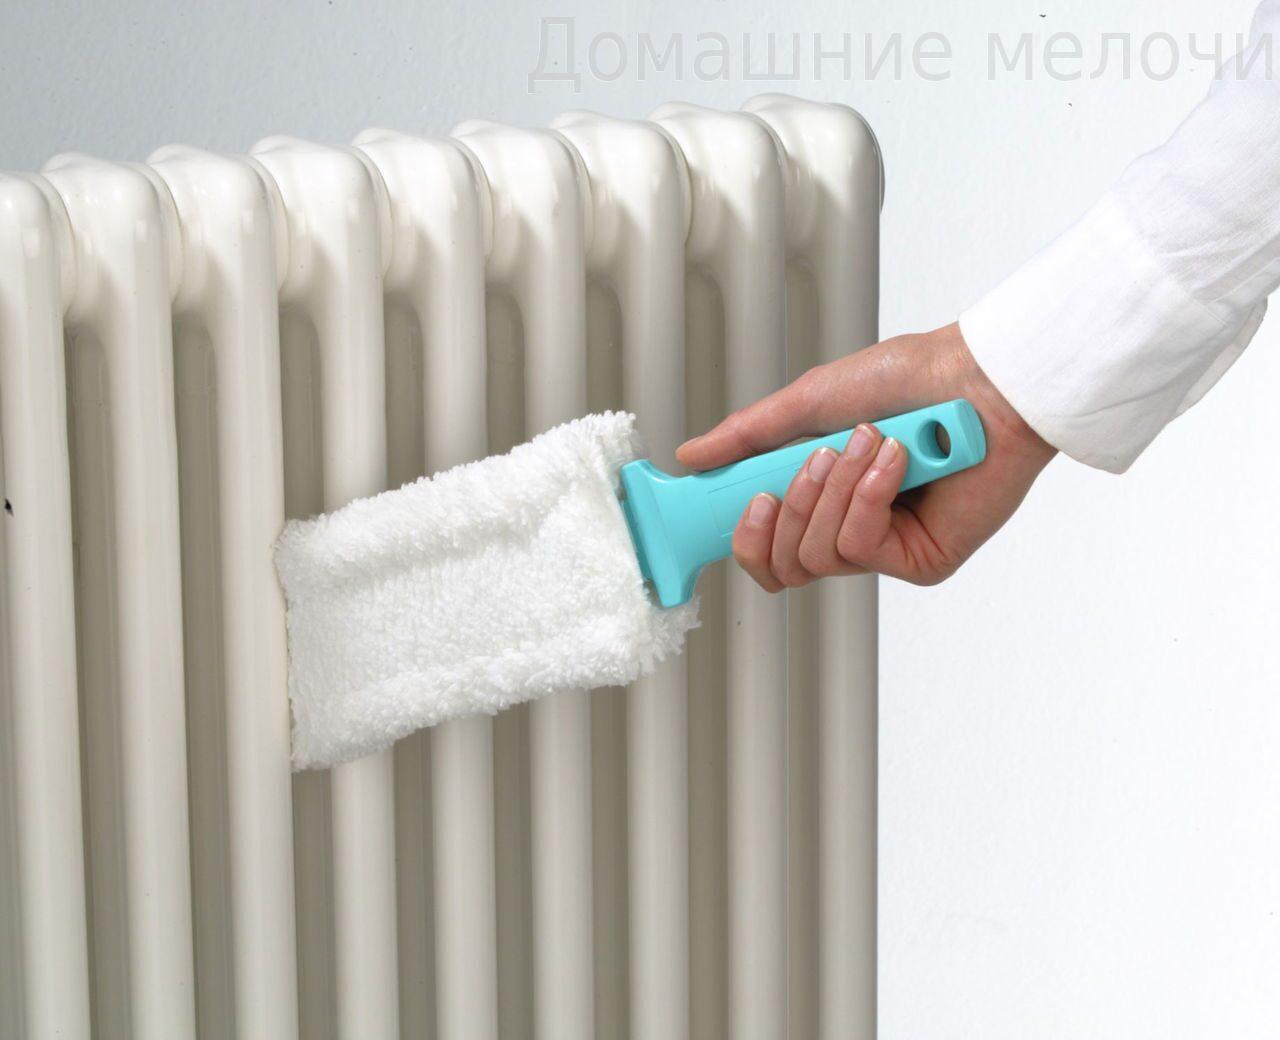 Как в домашних условиях промыть чугунные батареи отопления в домашних условиях